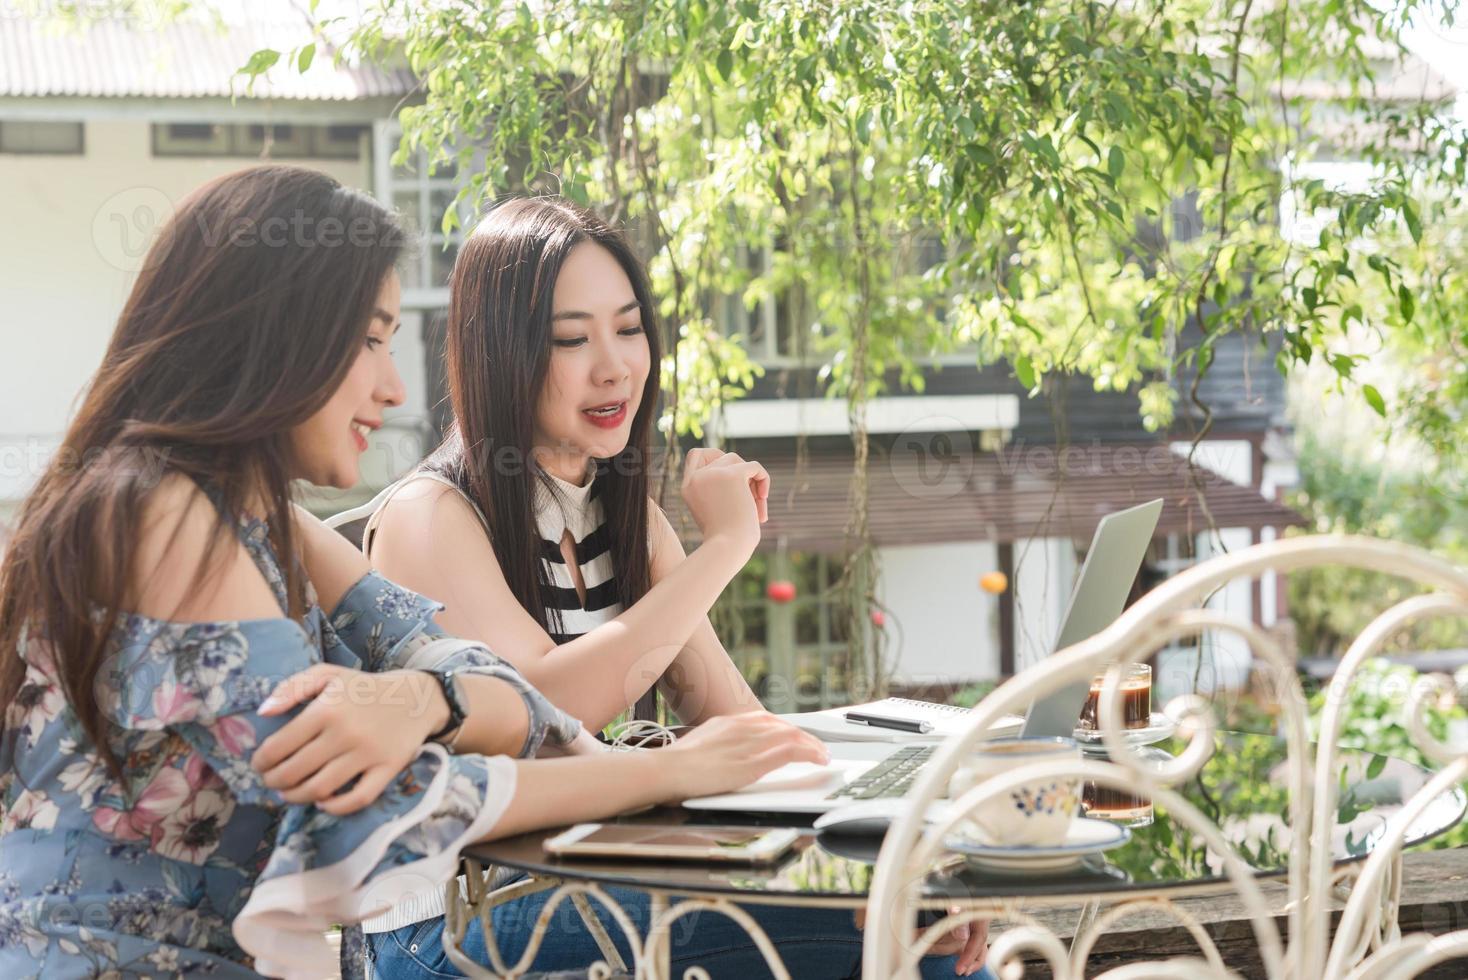 duas mulheres adolescentes se encontram na cafeteria usam laptop juntos à tarde, estilo de vida do novo adolescente foto